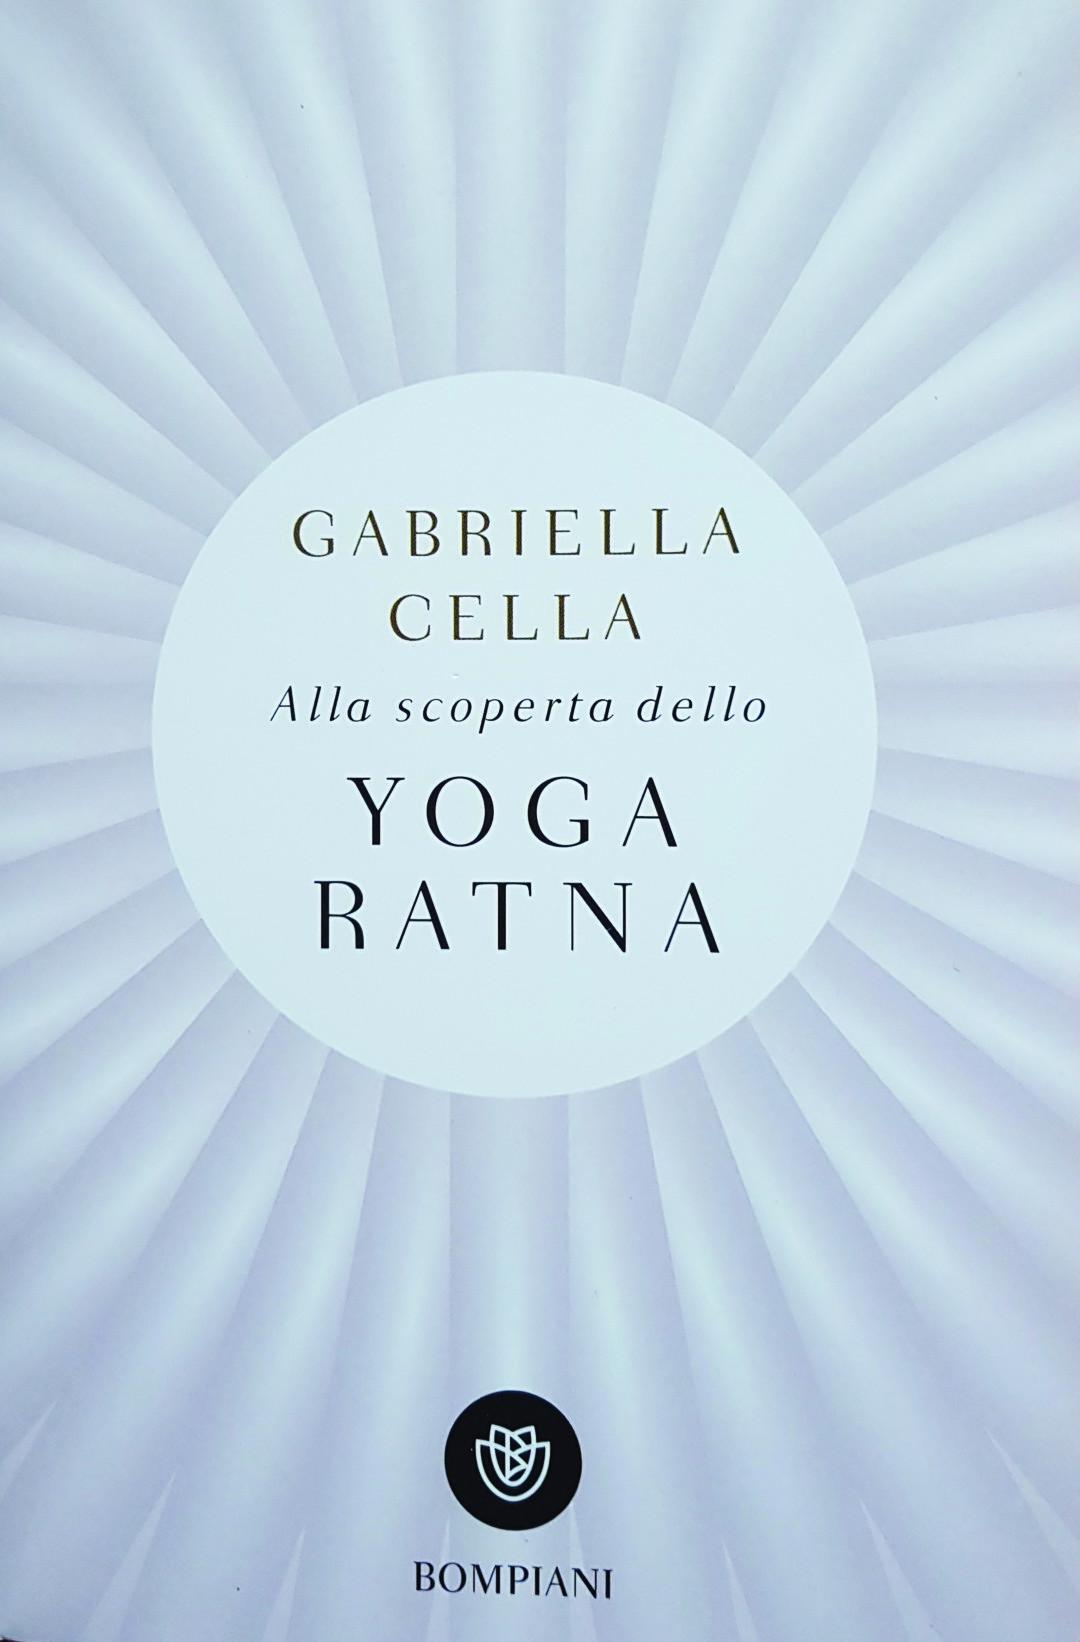 Alla scoperta dello YOGA RATNA. Nelle librerie il nuovo libro di Gabriella Cella